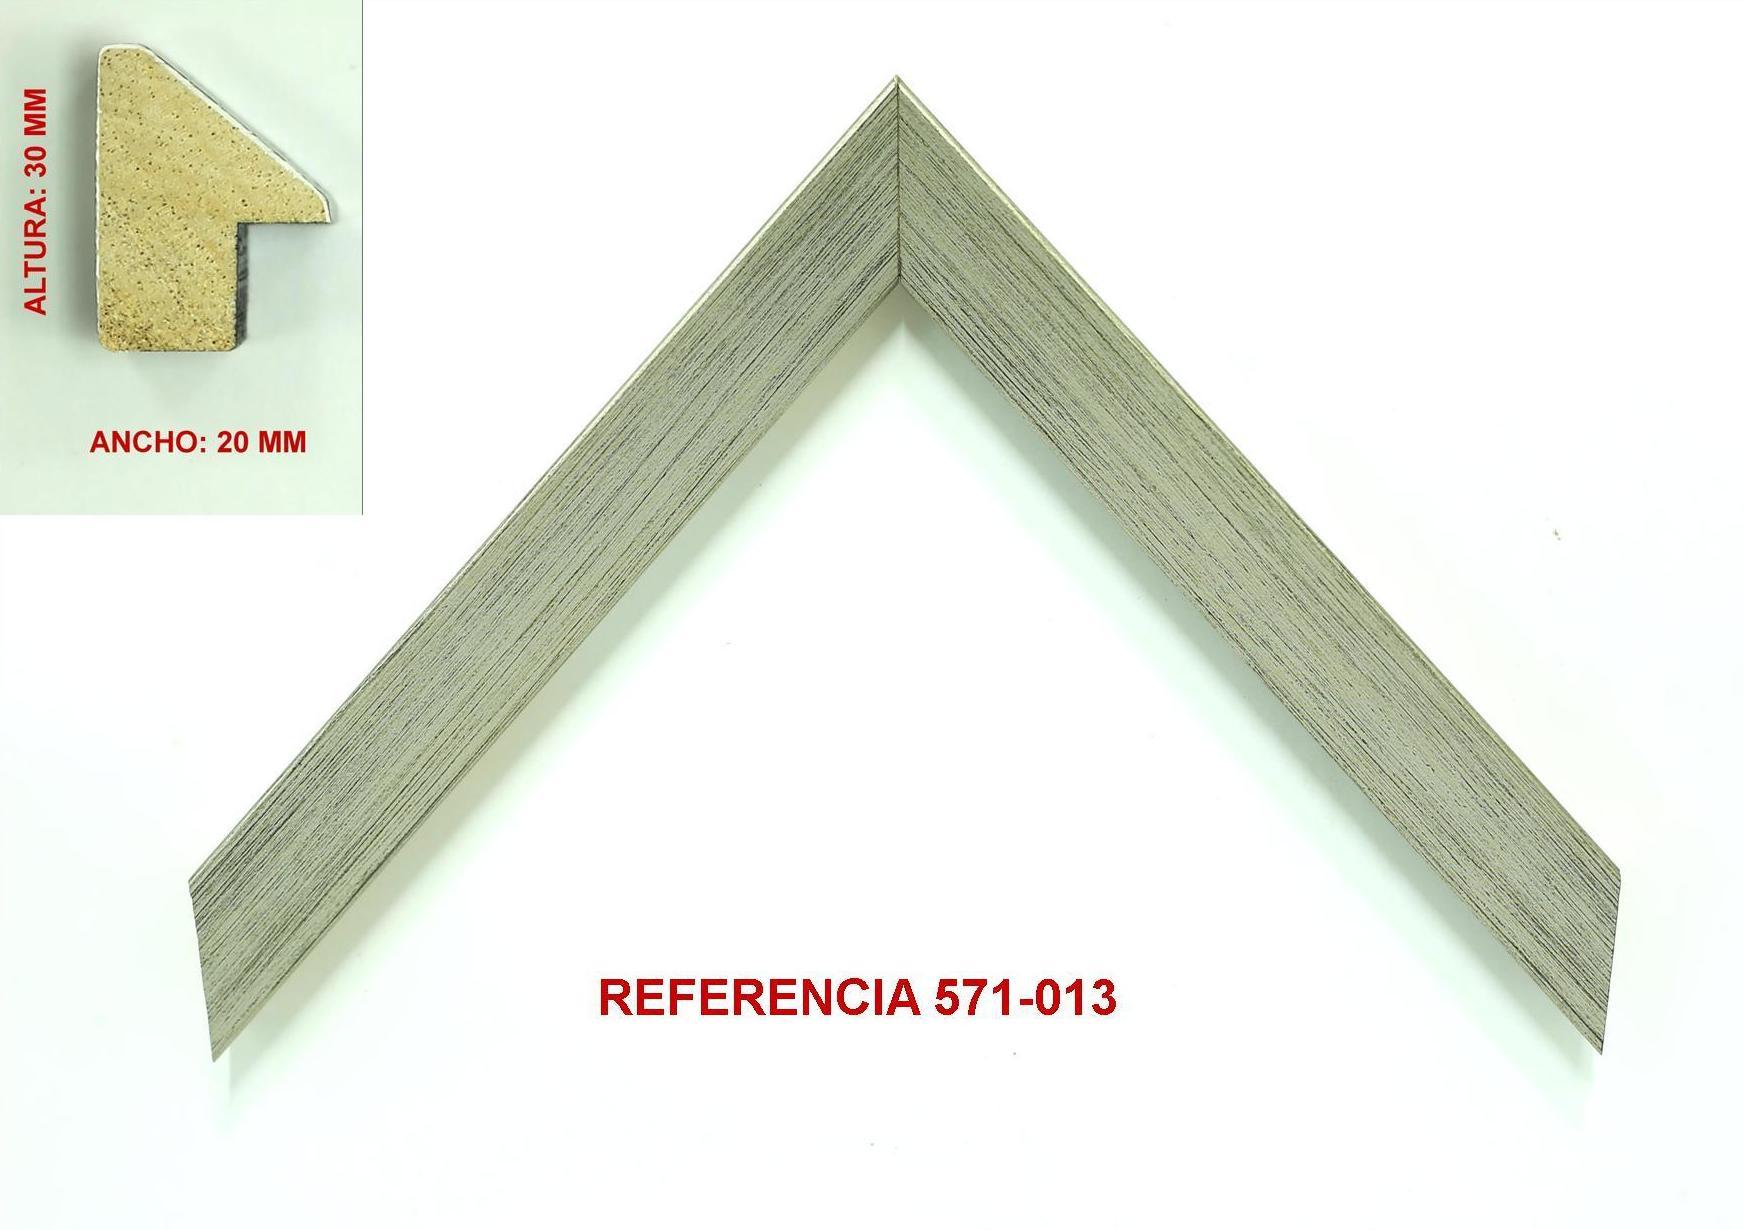 REF 571-013: Muestrario de Moldusevilla